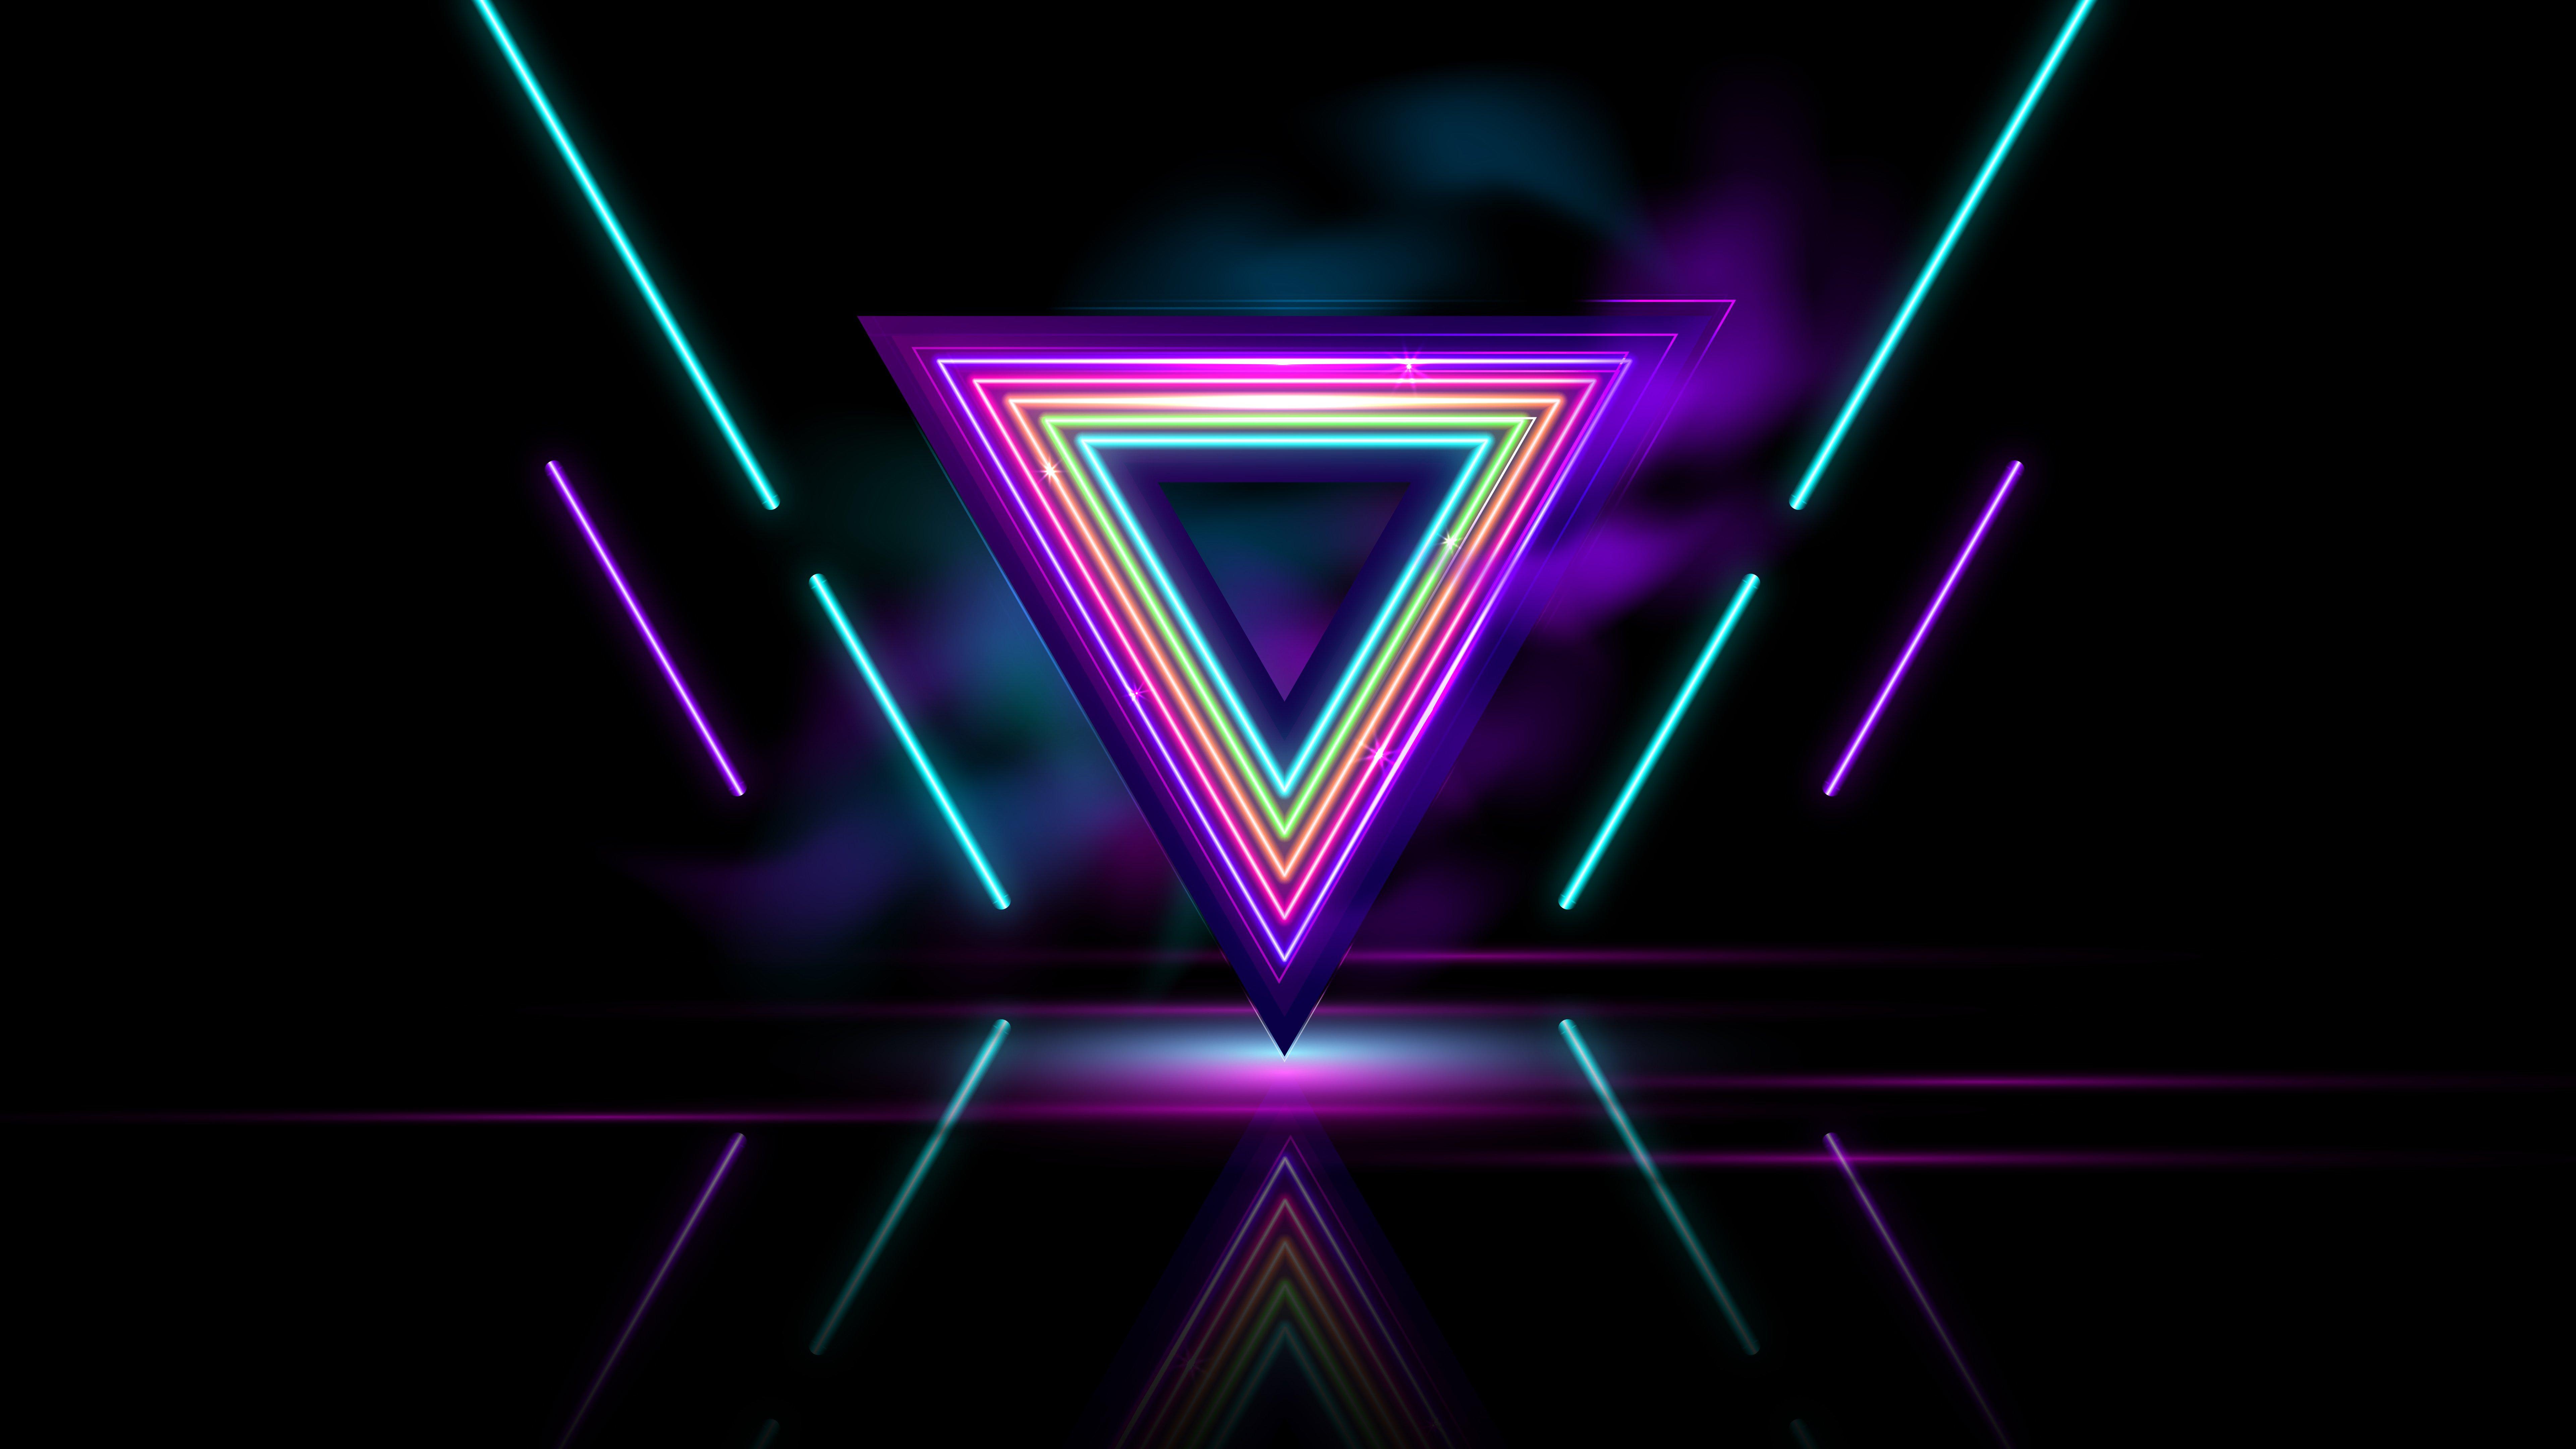 Fondos de pantalla Triangulo Neon Abstracto